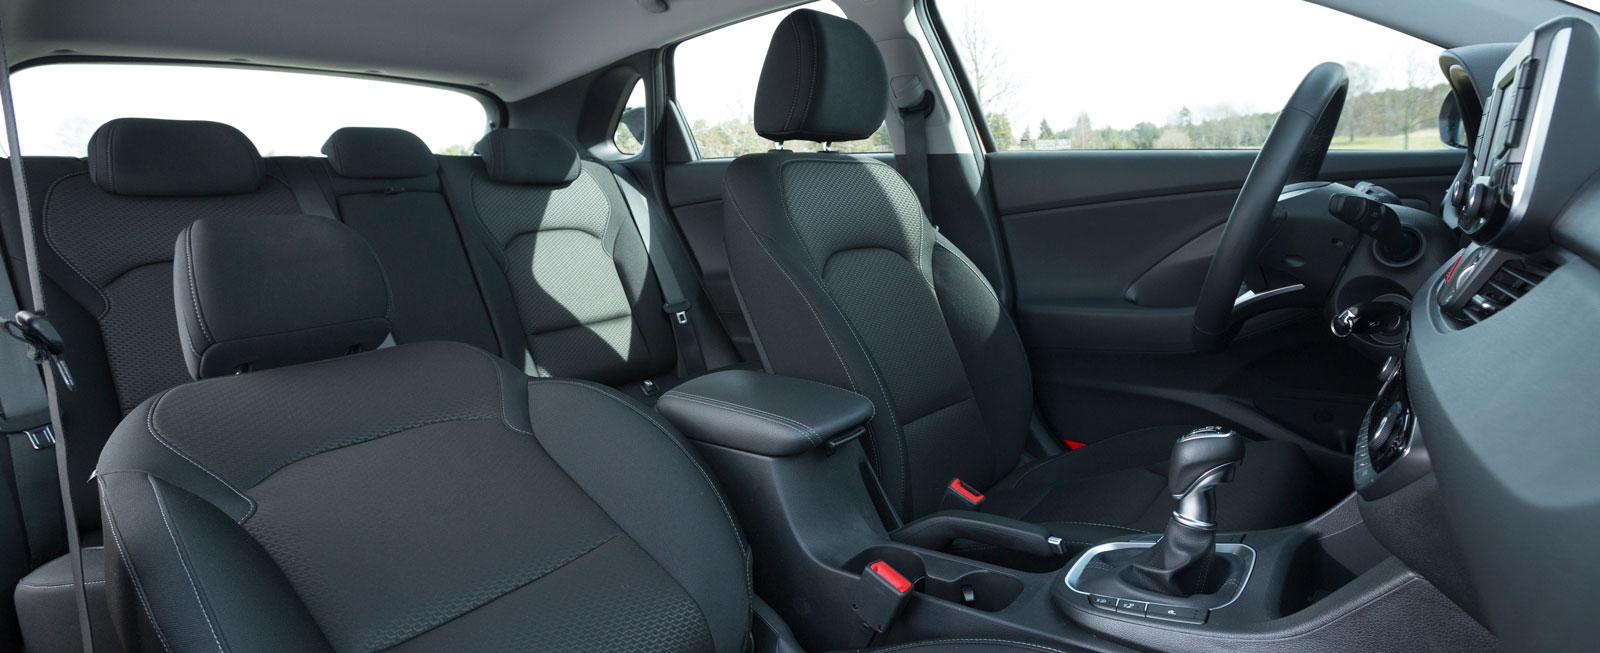 Hyundais kupémått är nästan kalkerade efter VW Golf och utrymmena är i praktiken likvärdiga – dock inte riktigt lika bra som i Civic eller Octavia. Att karossen är åtta centimeter längre än Golfs märks mest i bagageutrymmet, där vinner Hyundai.